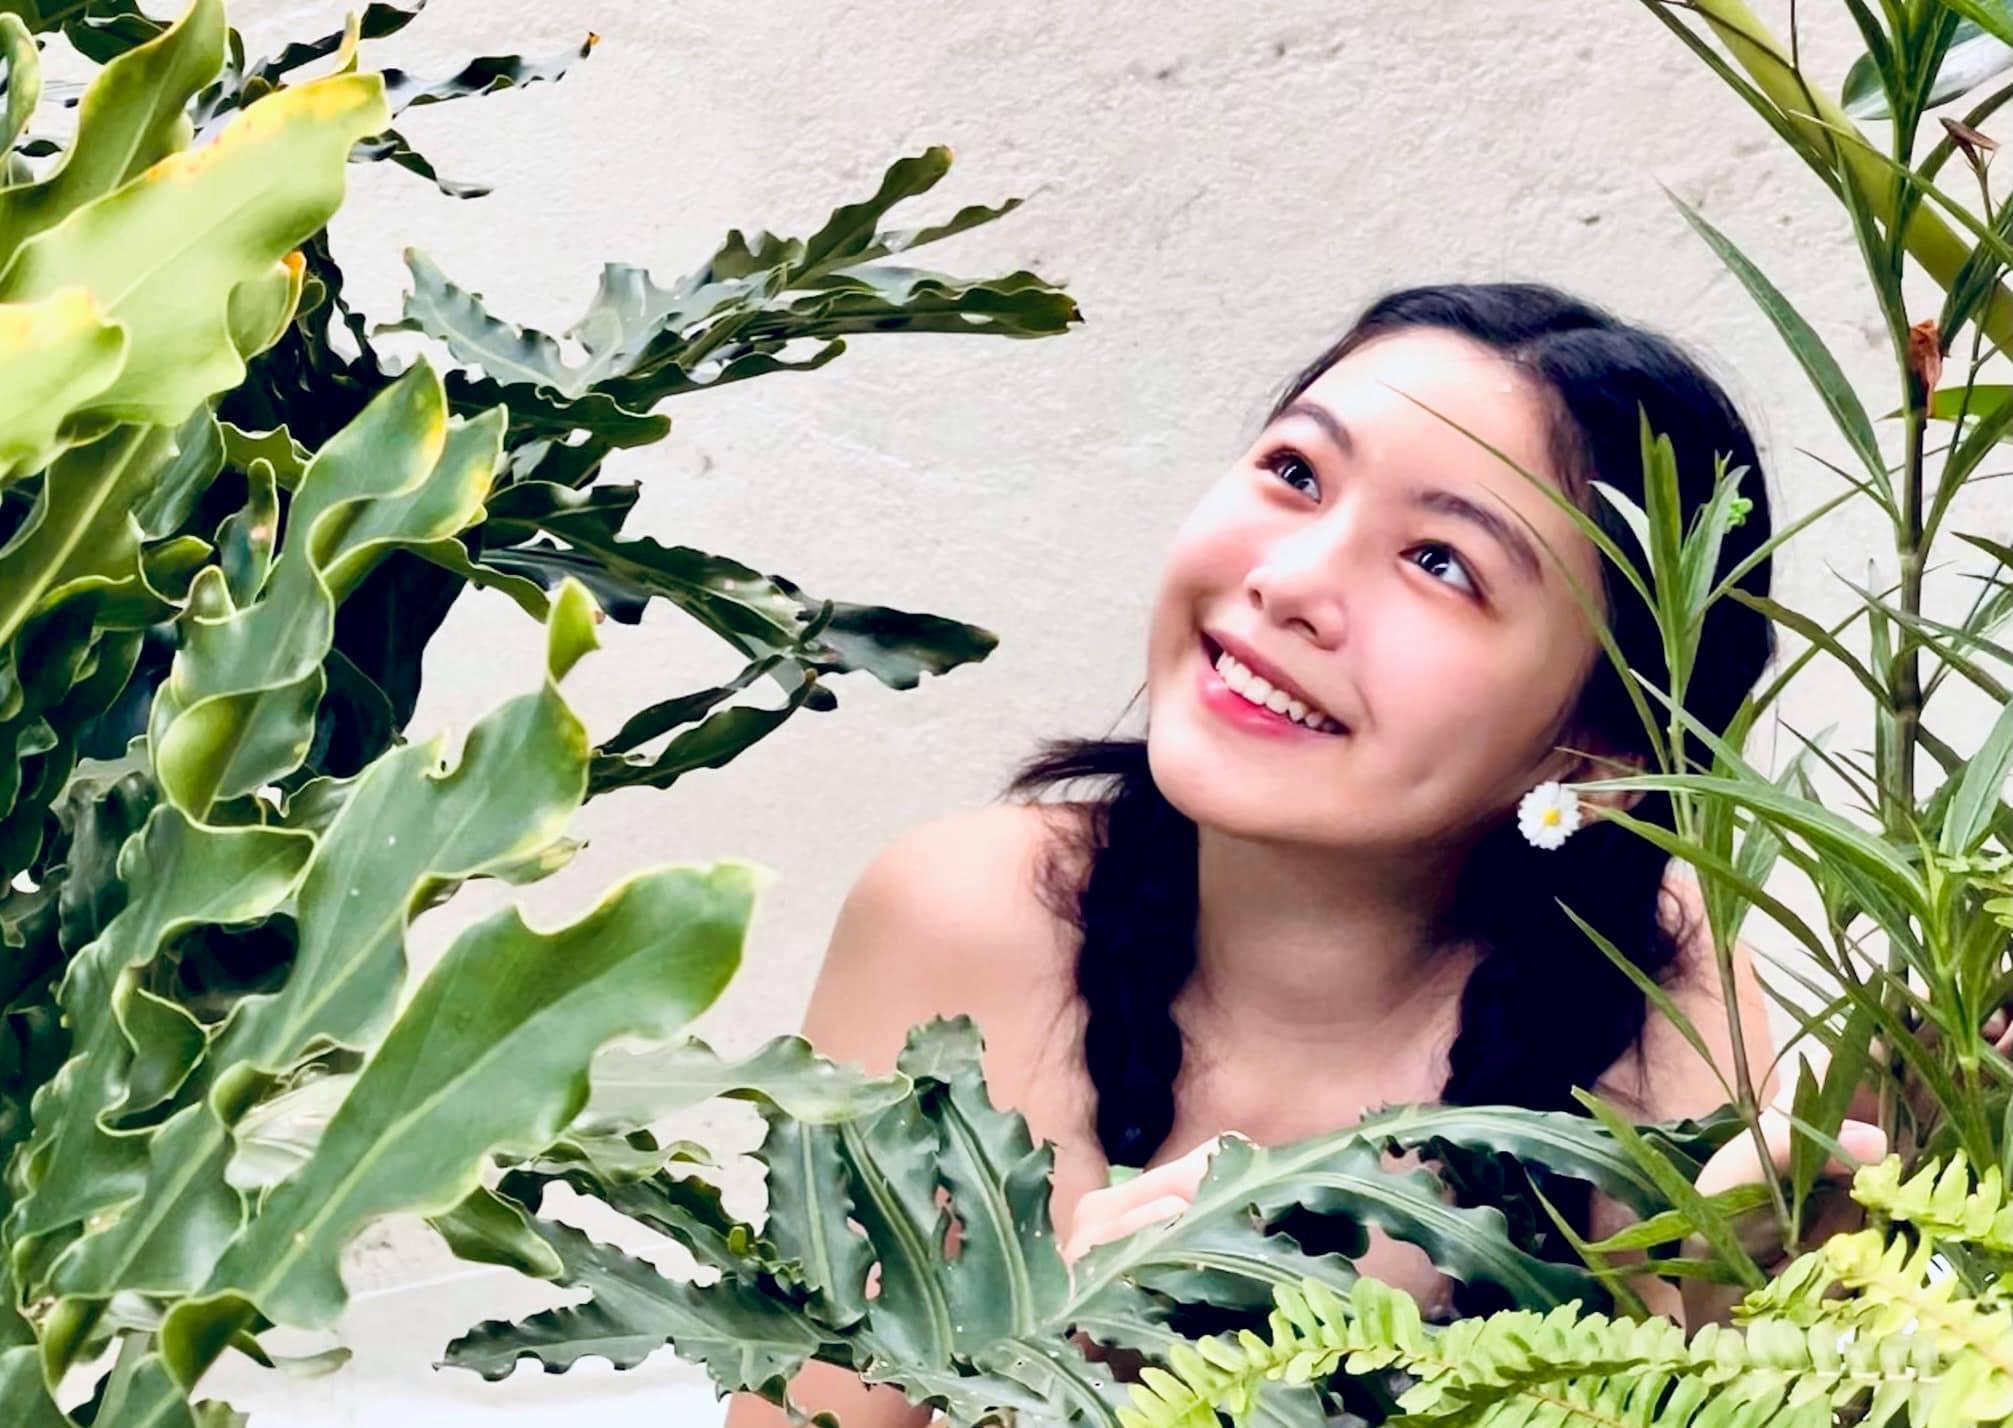 Loạt ảnh đáng yêu, ngắm mãi không chán của con gái MC Quyền Linh